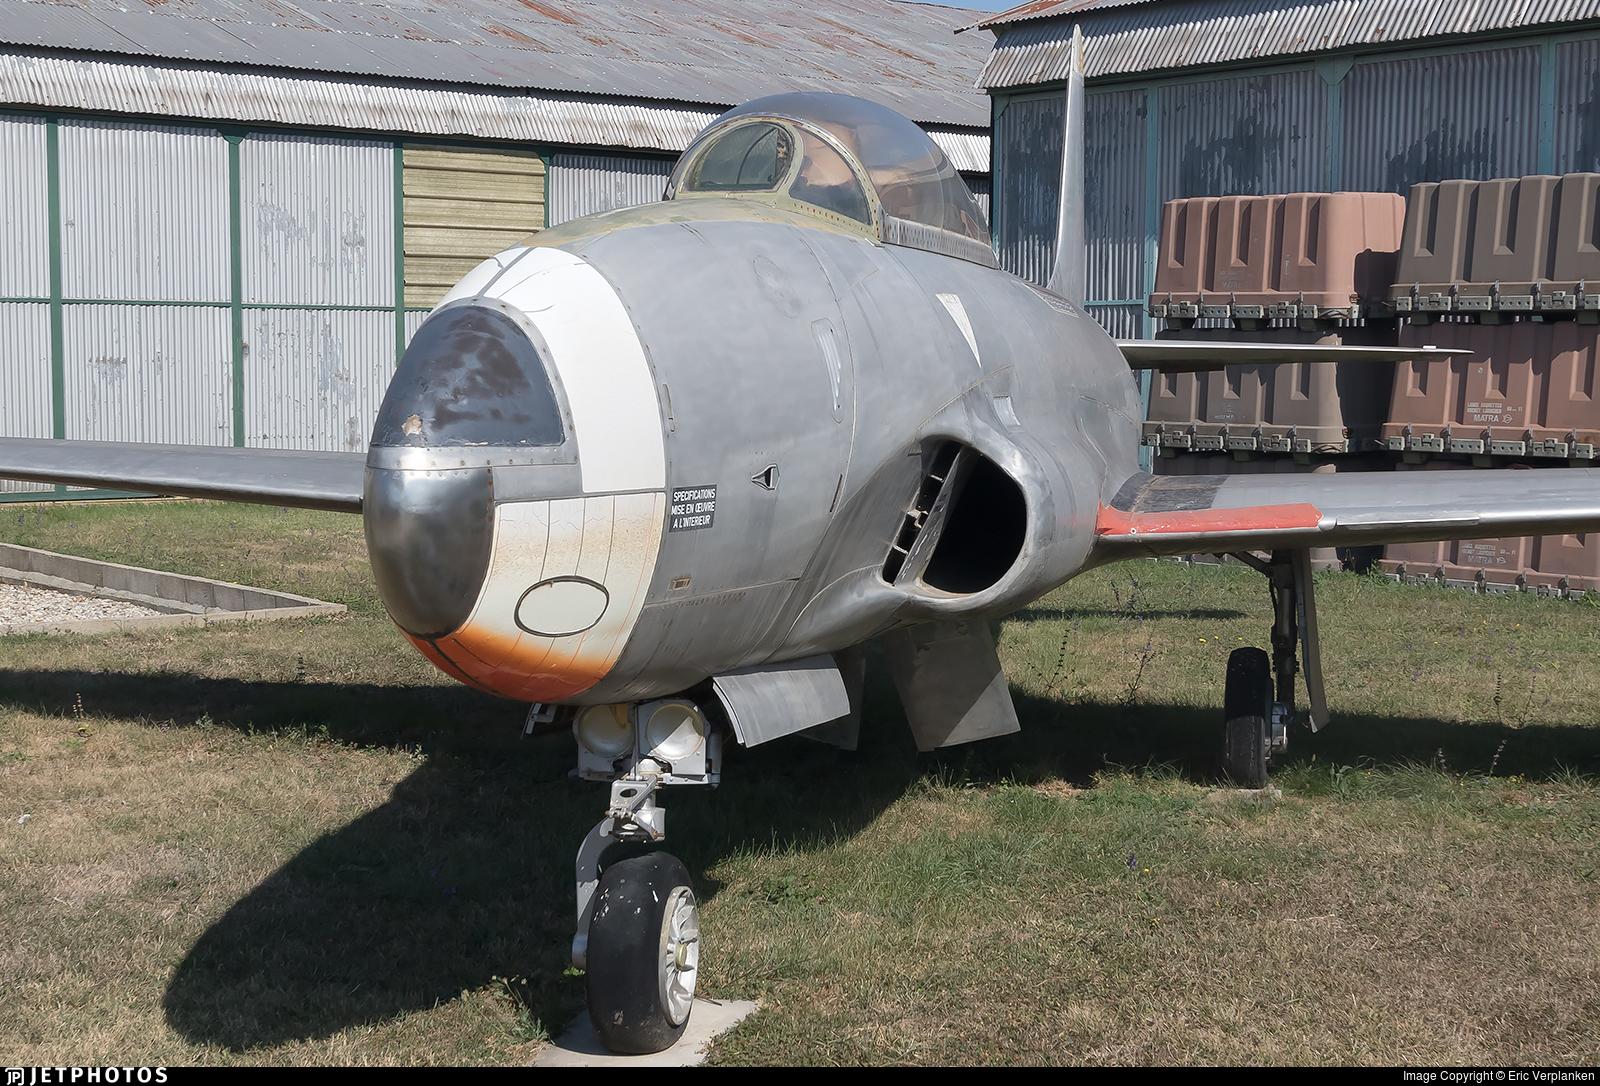 52-1113 - Canadair CT-133 Silver Star - France - Air Force